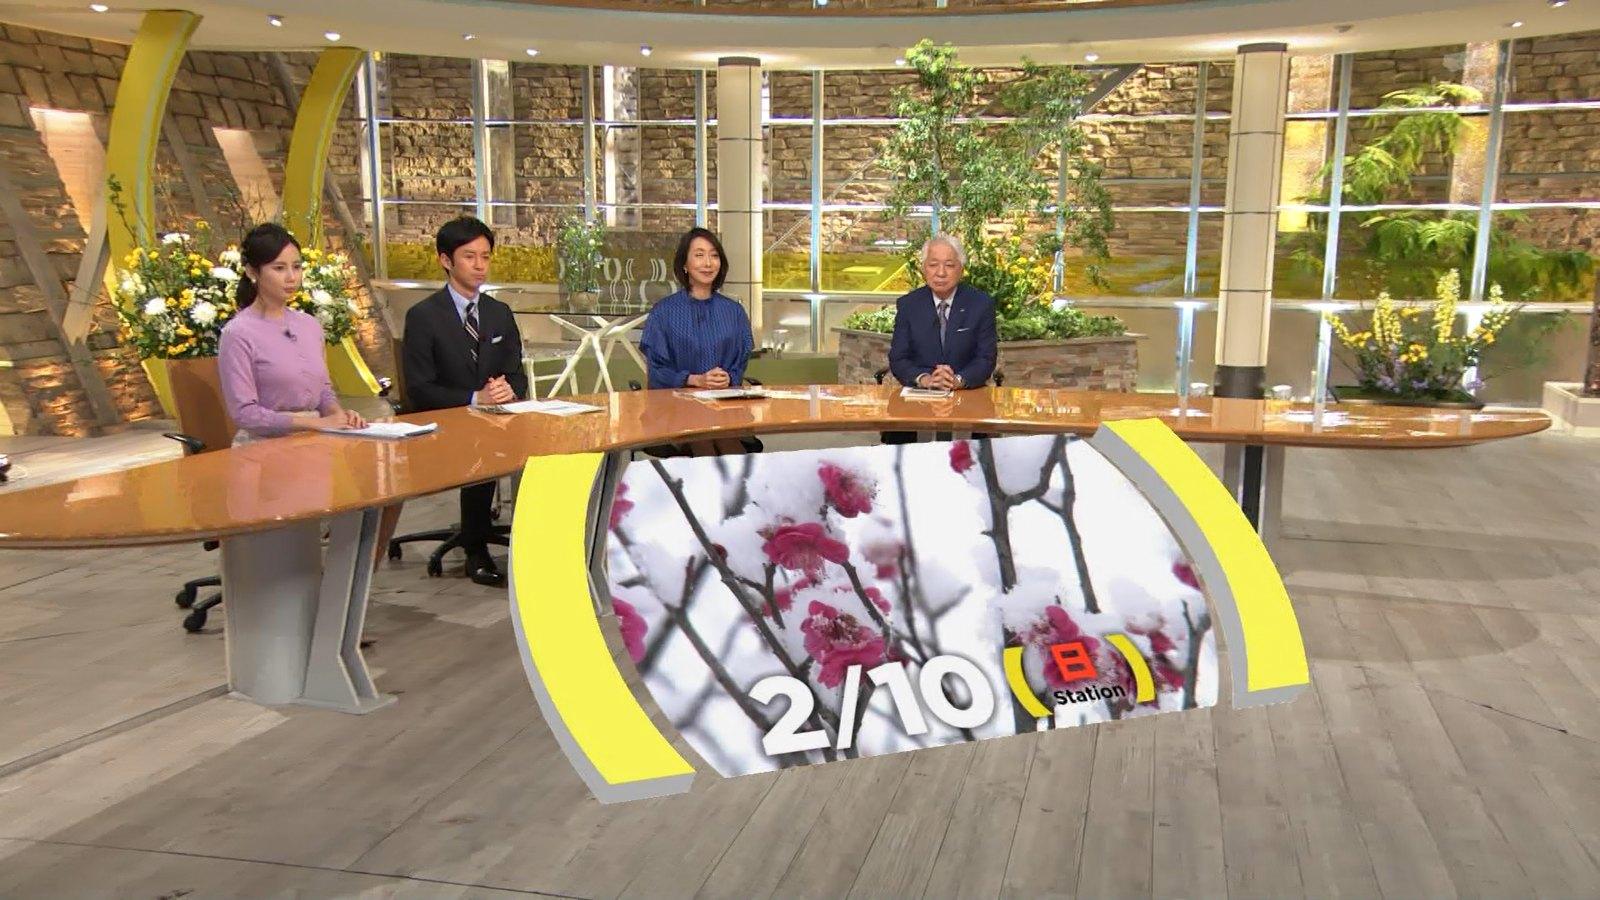 テレビ朝日女性アナウンサー・森川夕貴さんのテレビキャプチャー画像-049